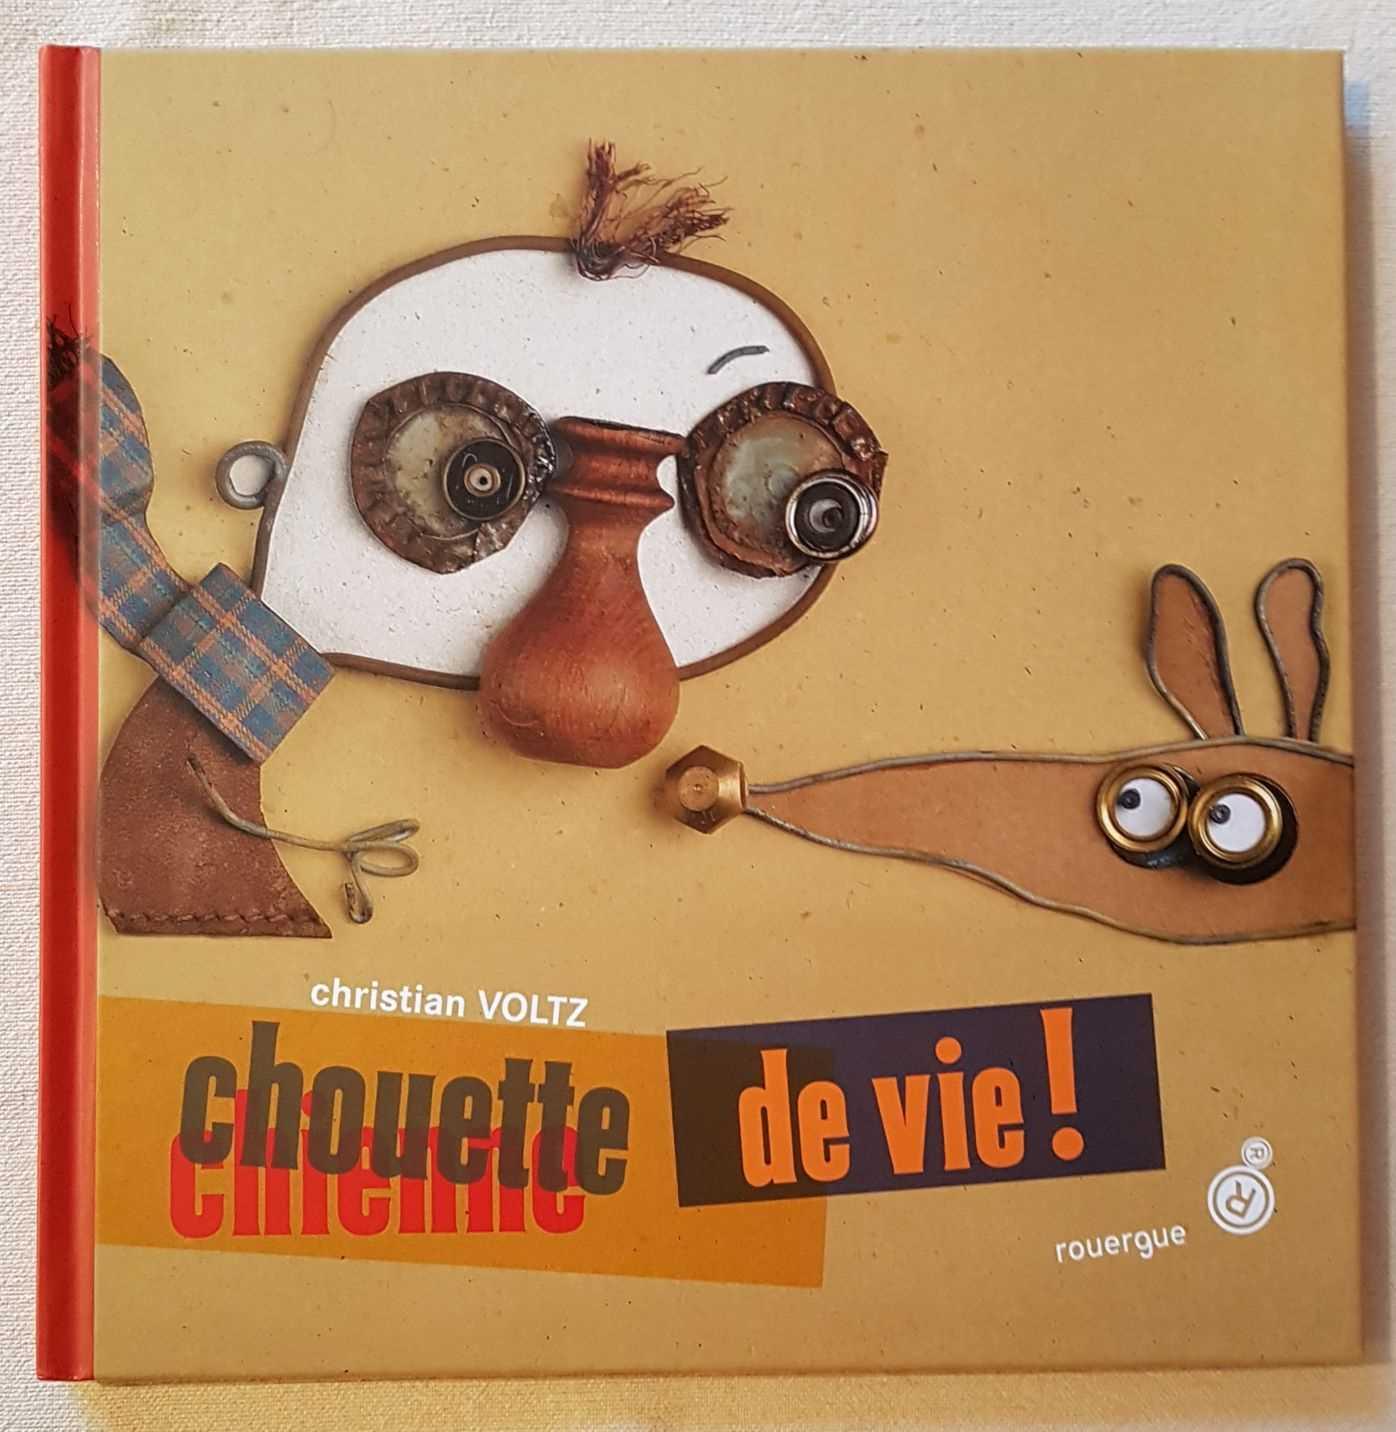 Librairie la librai'bulles Chienne/chouette de vie